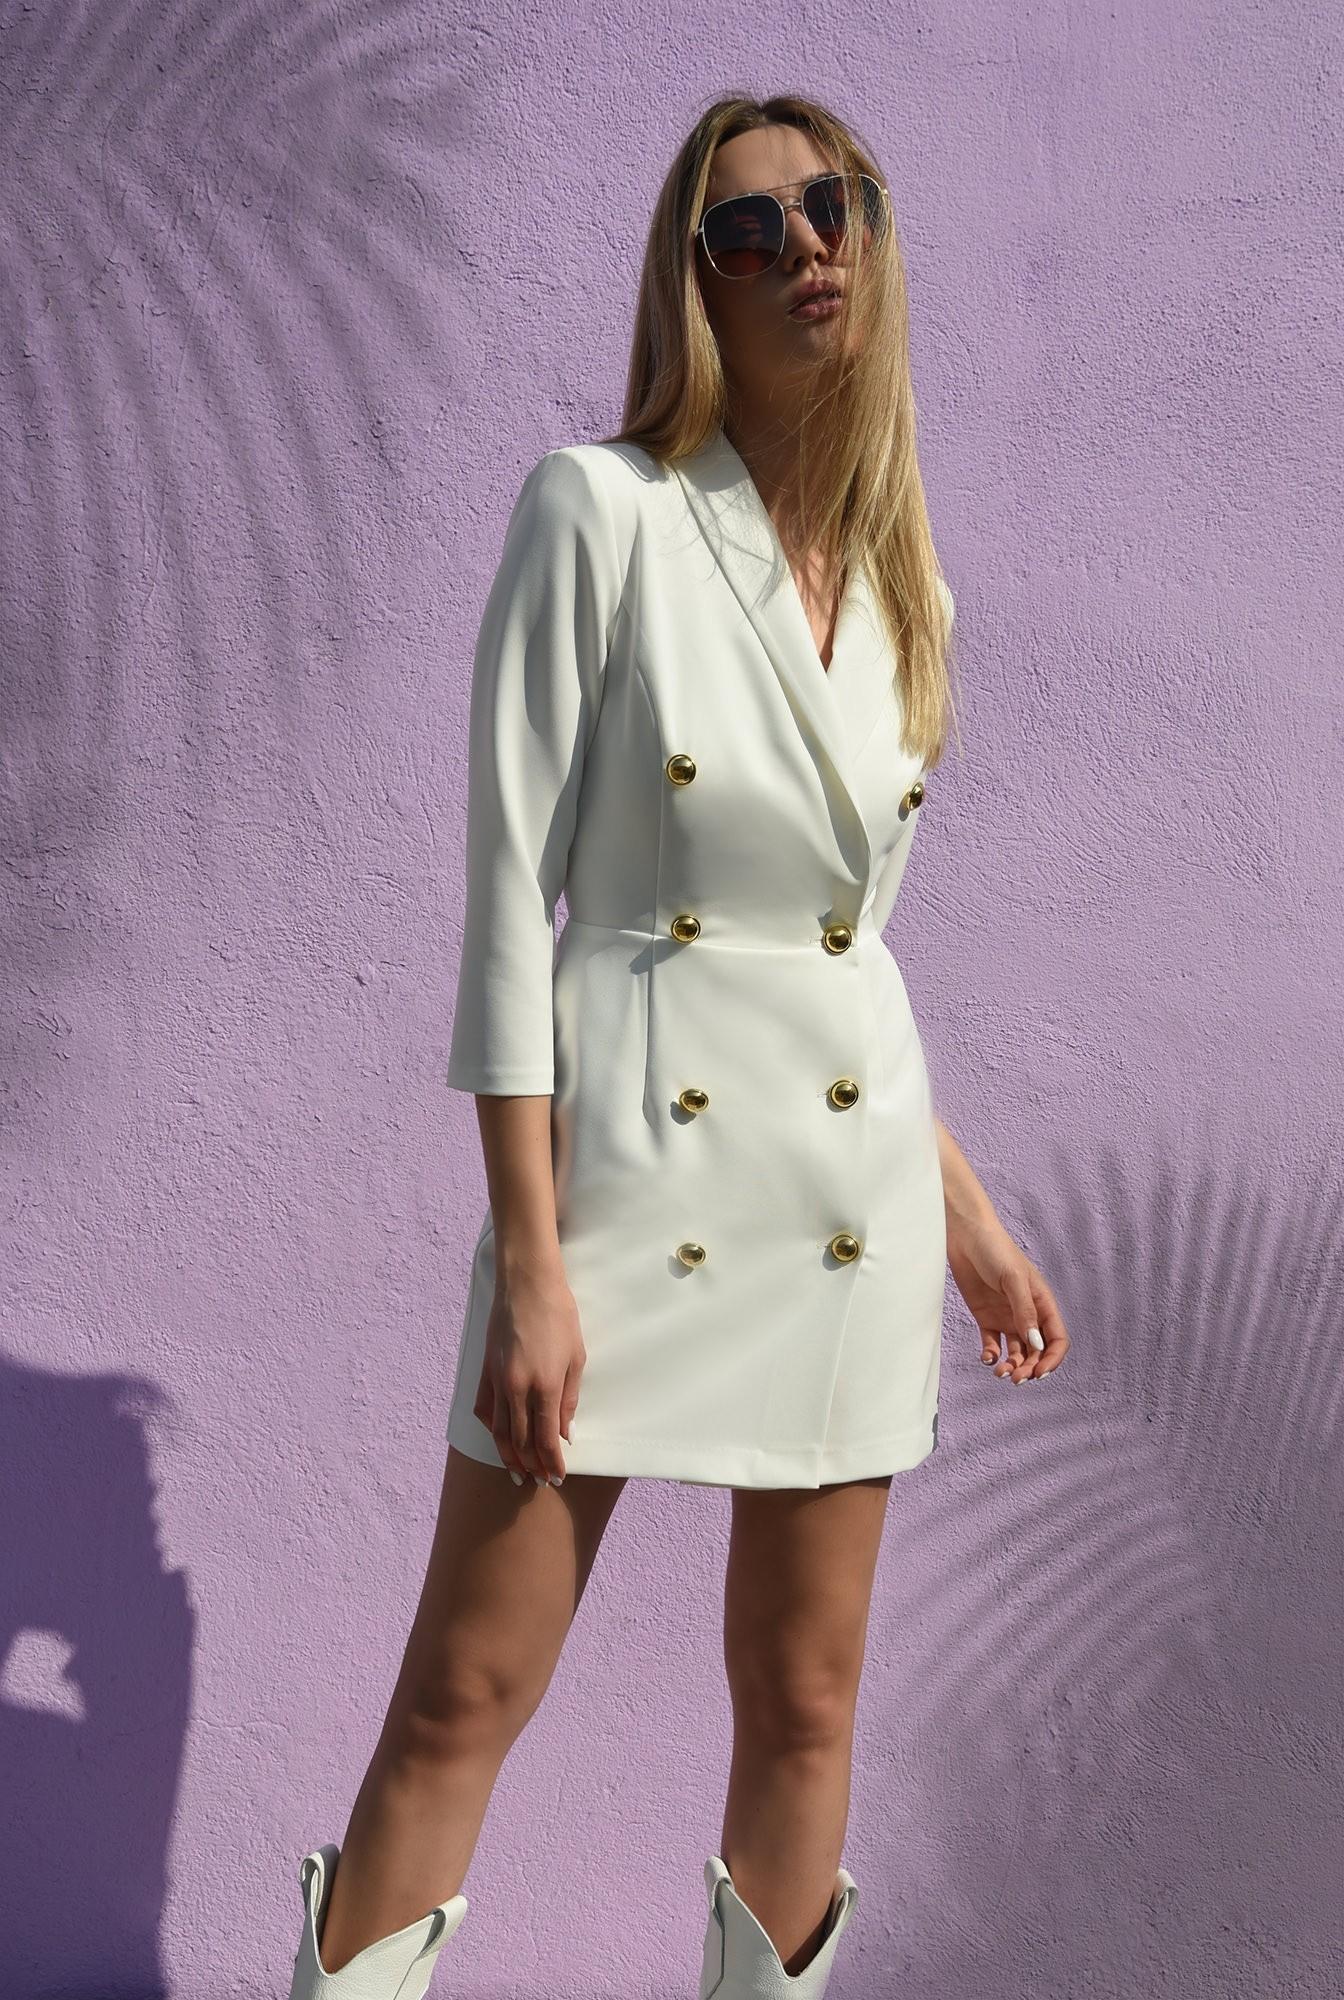 0 - 360 - rochie mini, ivoar, cu nasturi aurii